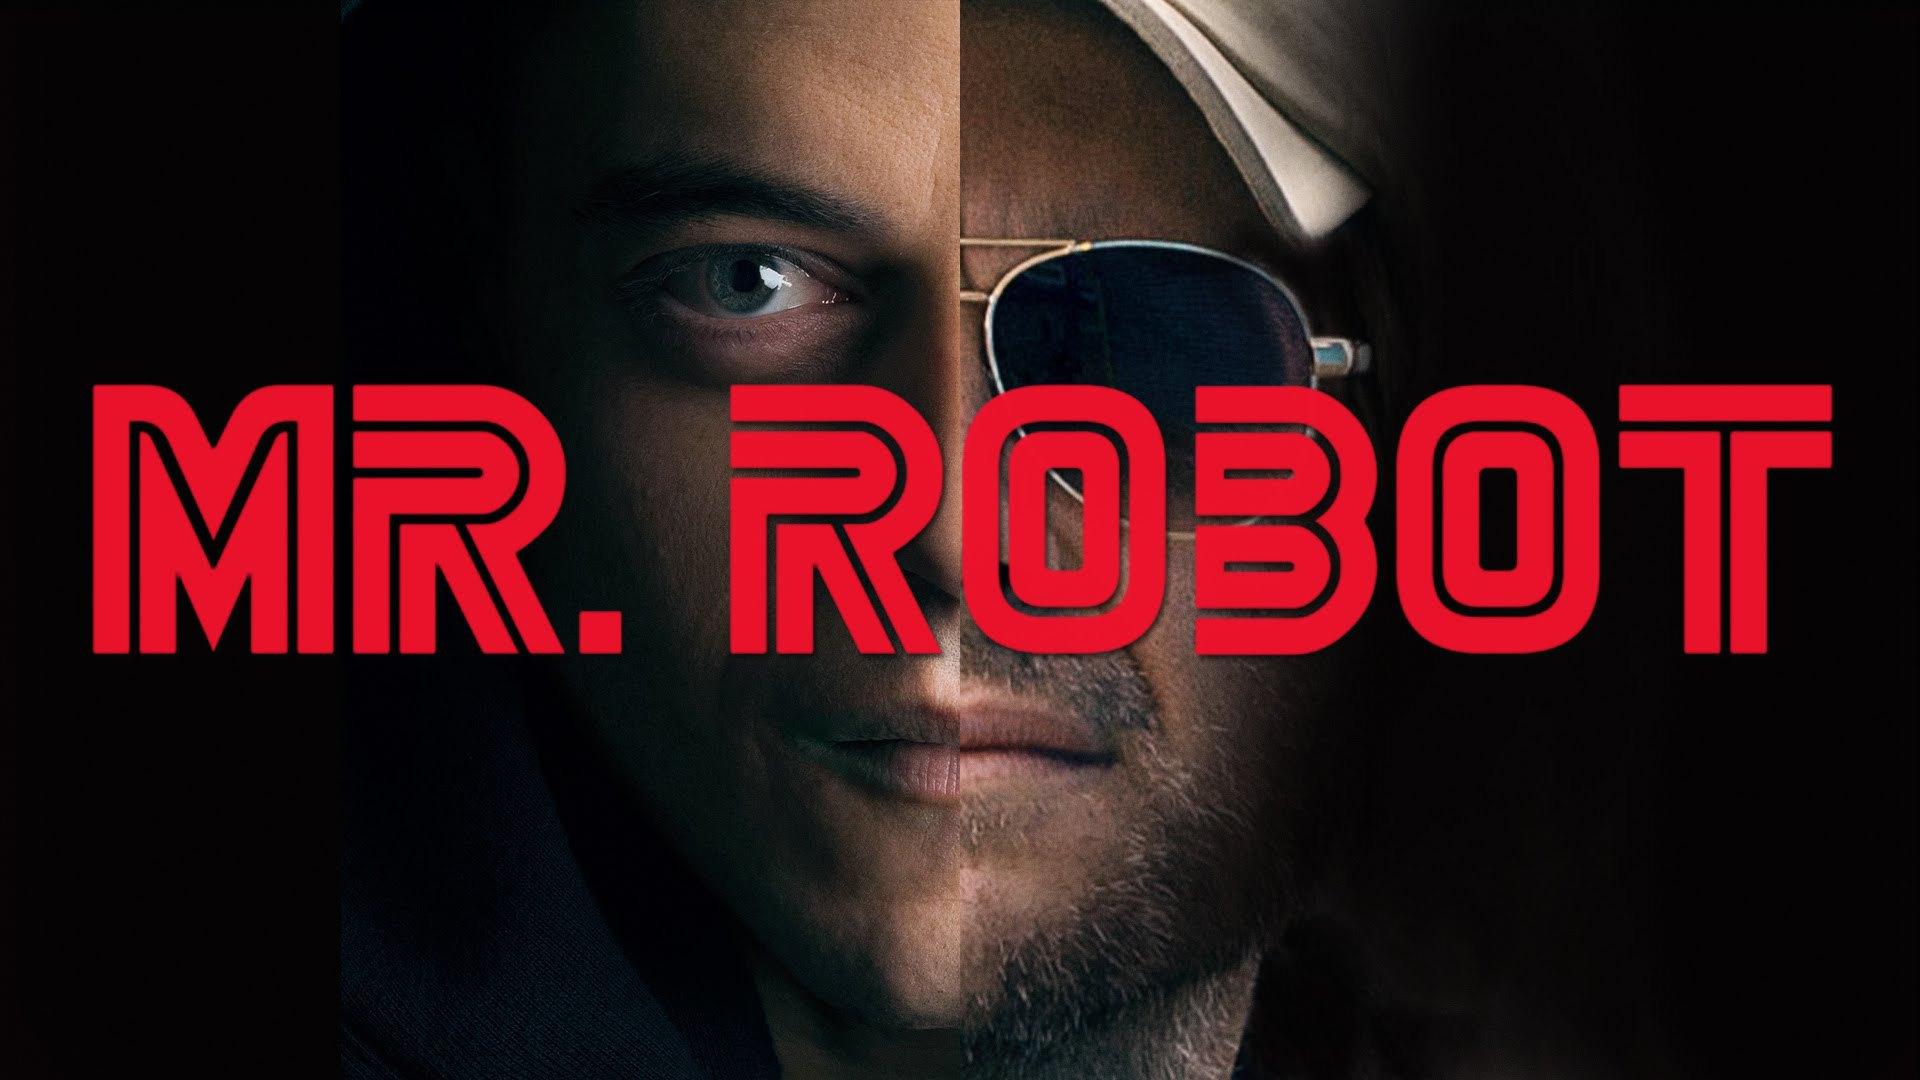 Mr. Robot Images